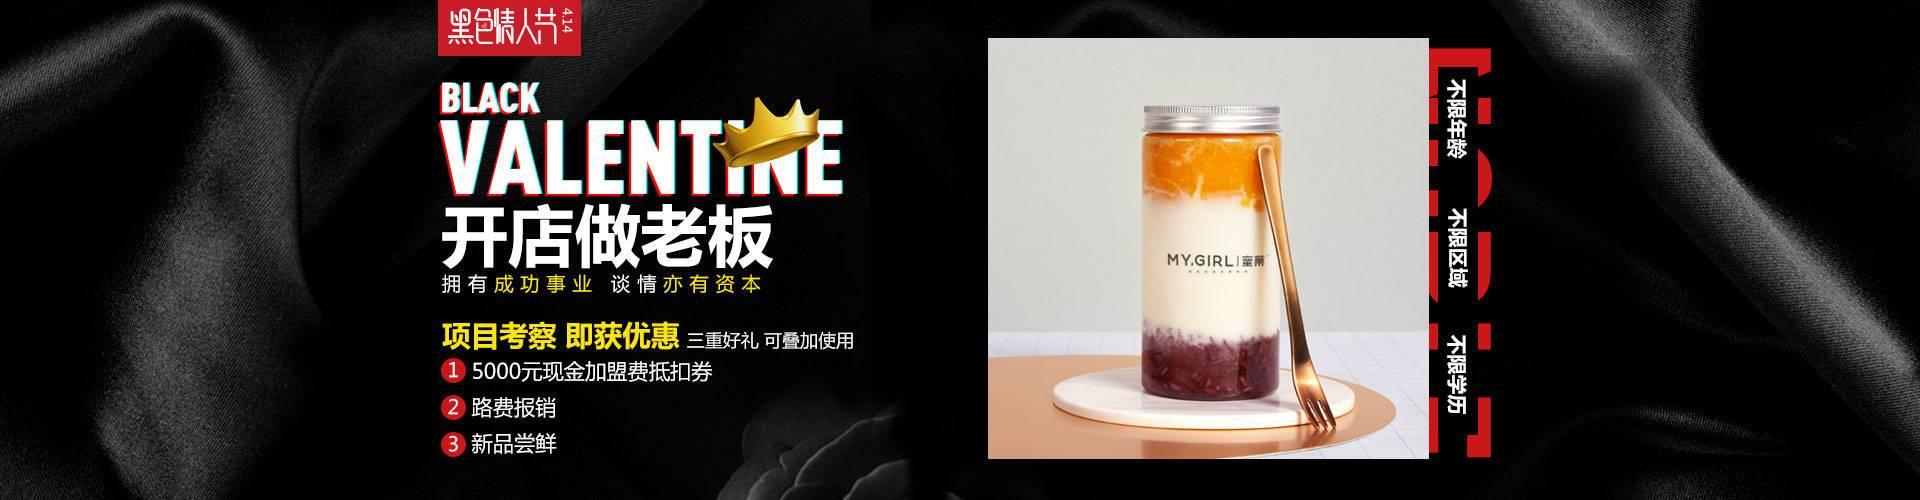 2019奶茶加盟品牌哪个好